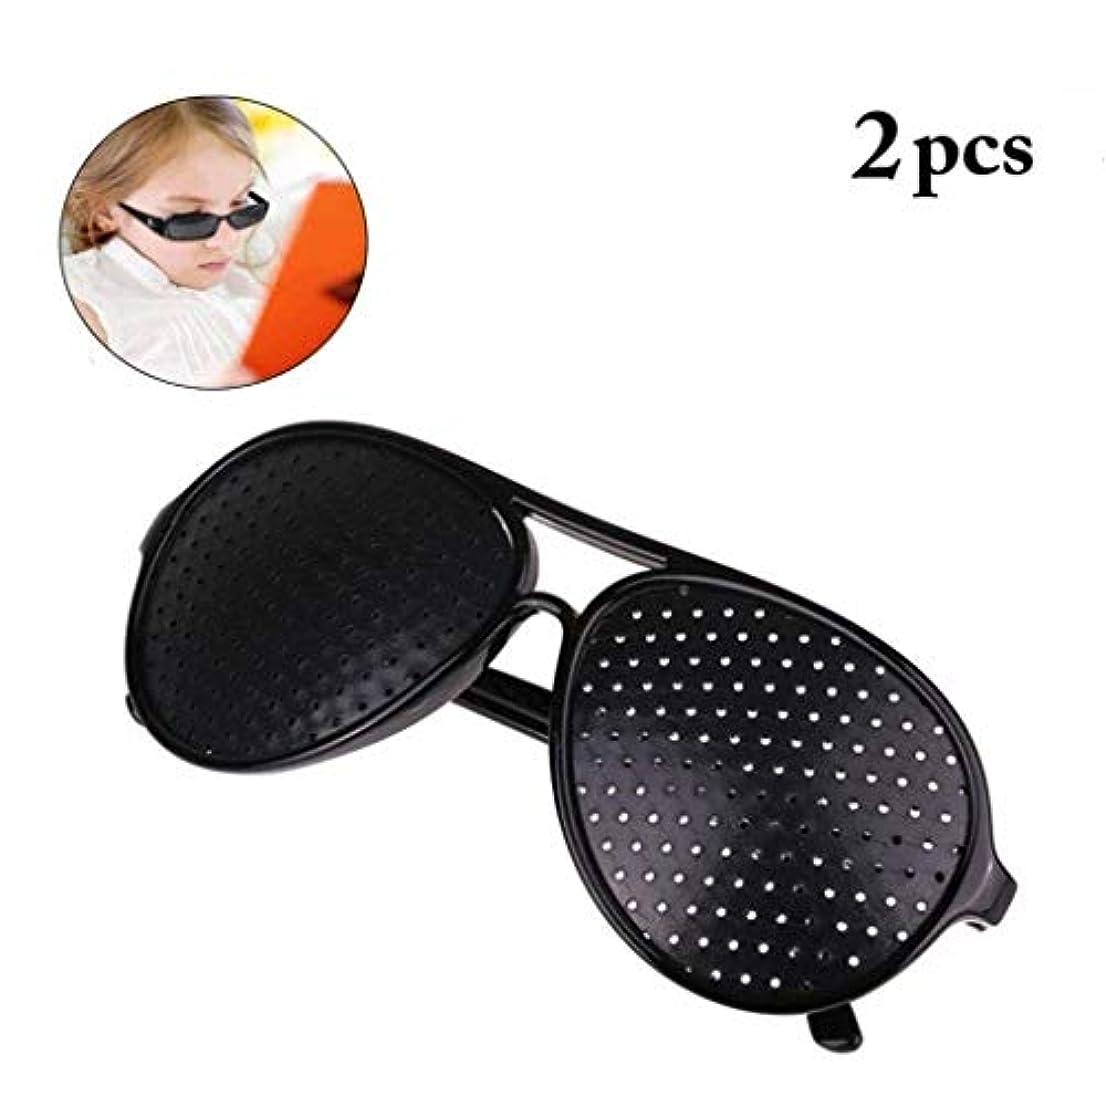 役に立つ許可必要ピンホールメガネ、視力矯正メガネ網状視力保護メガネ耐疲労性メガネ近視の防止メガネの改善